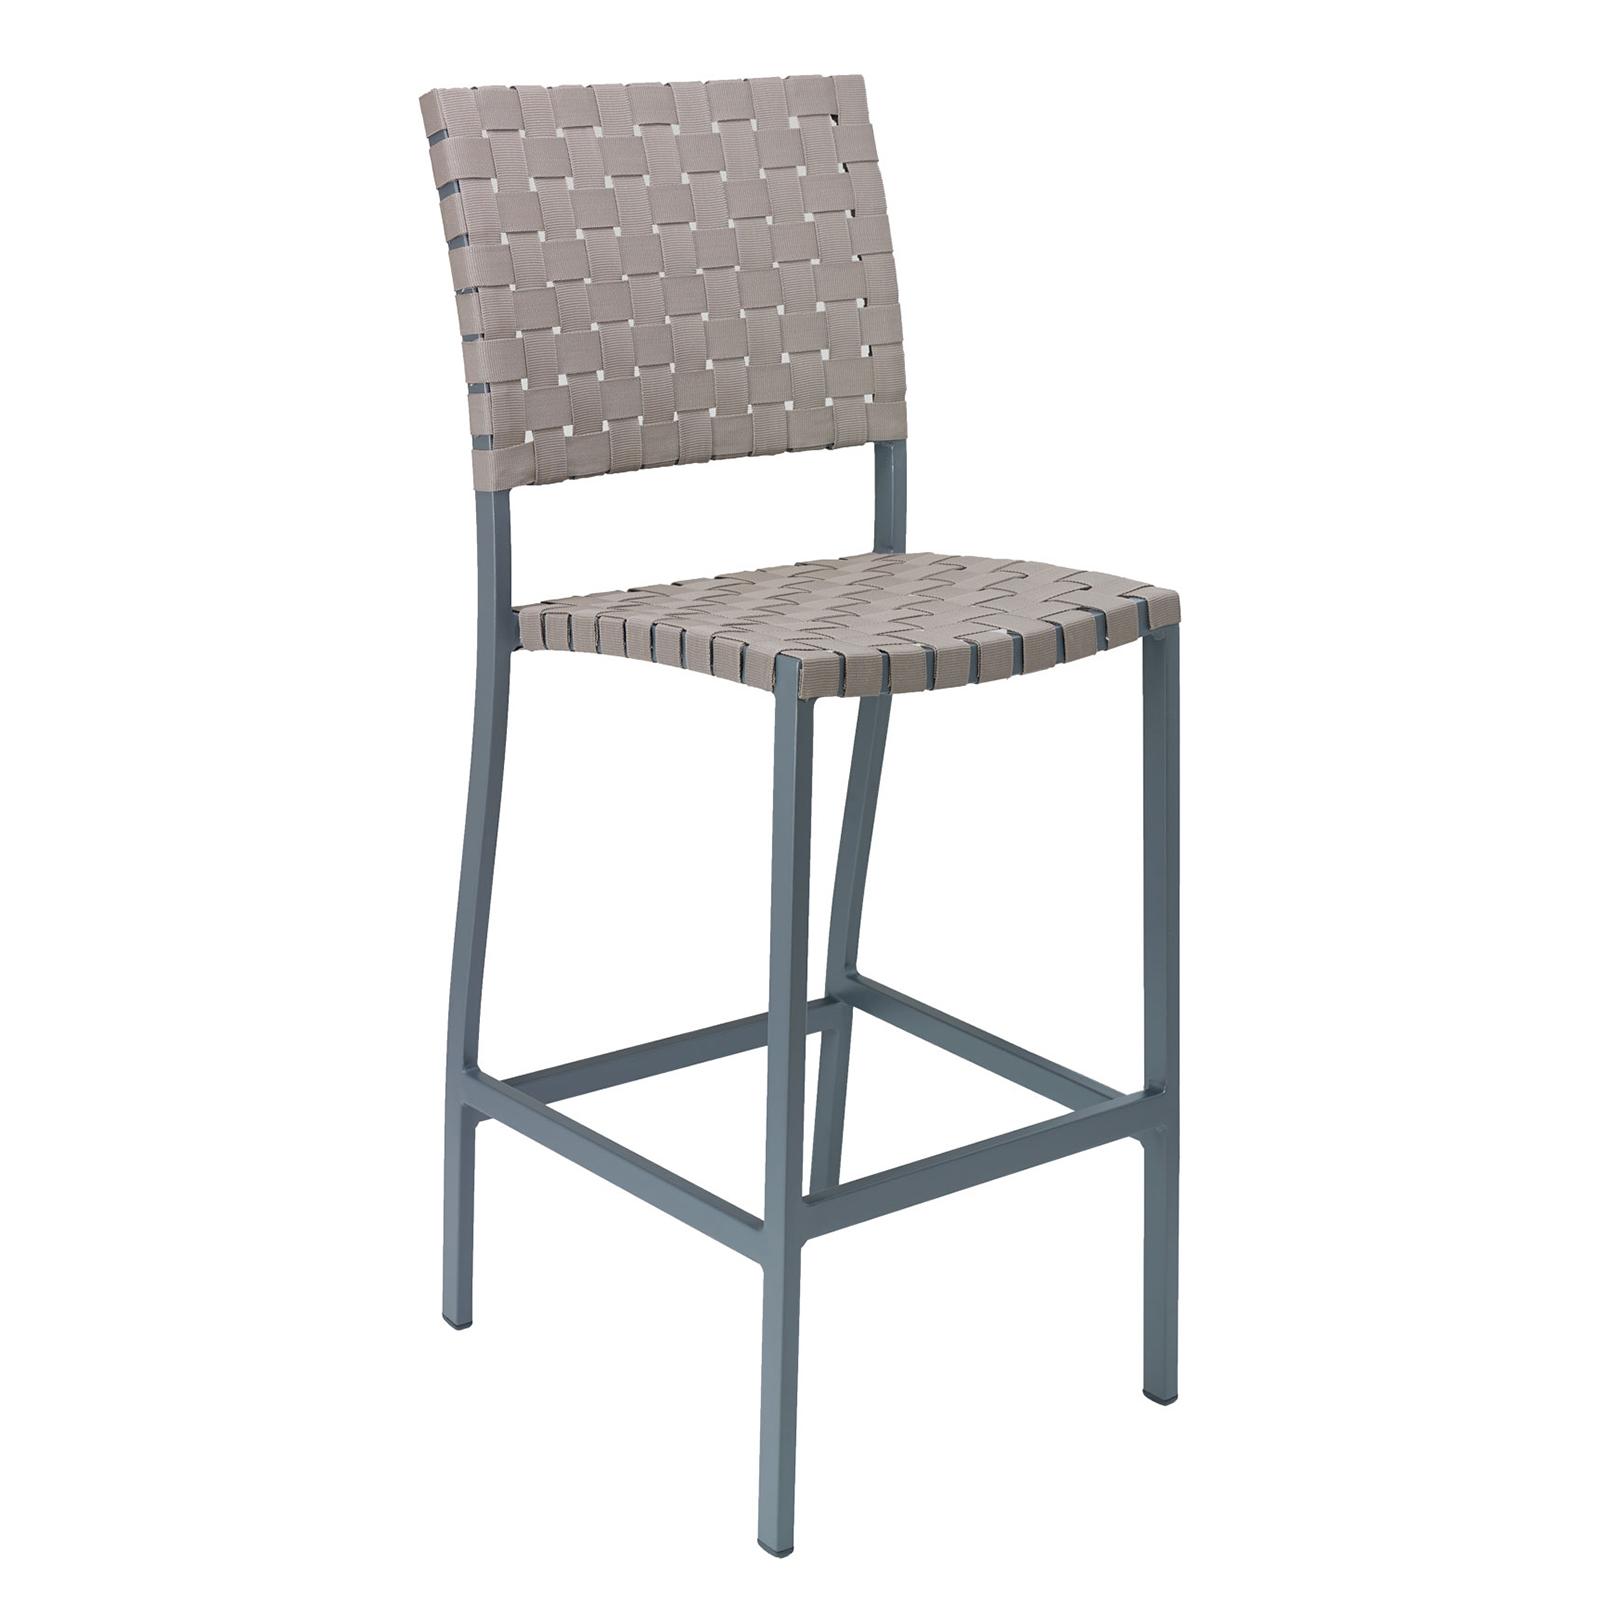 Florida Seating BAL-5800 bar stool, outdoor